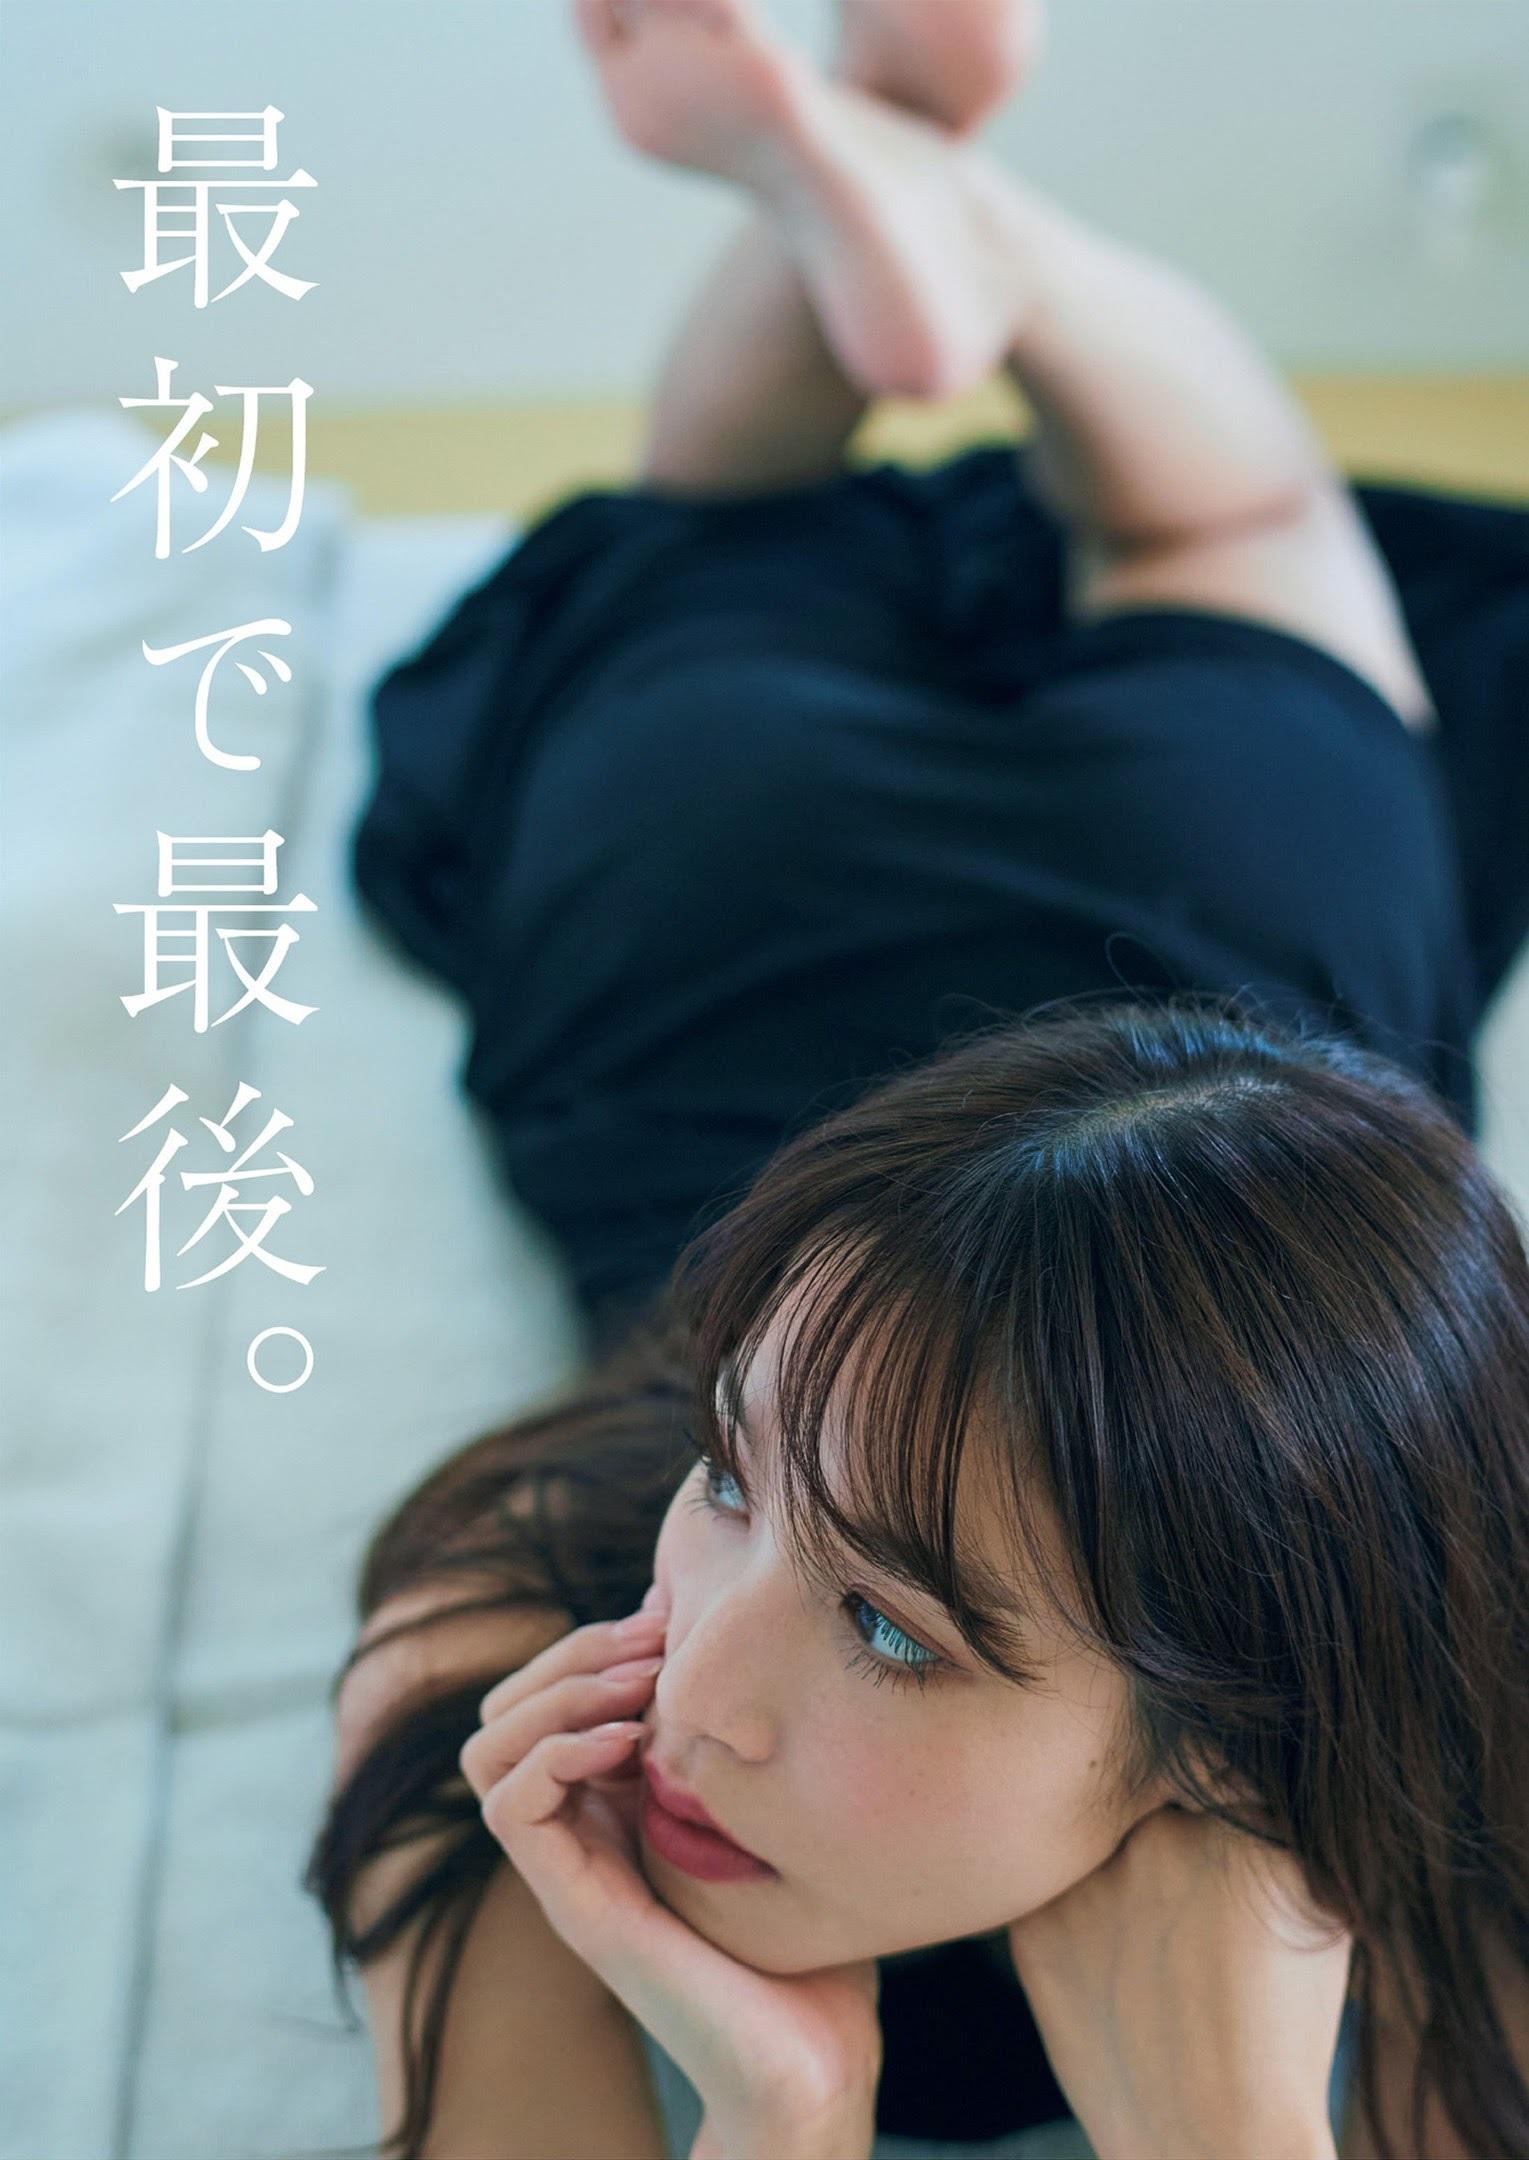 喵妹子写真专辑(第14辑) 养眼图片 第35张